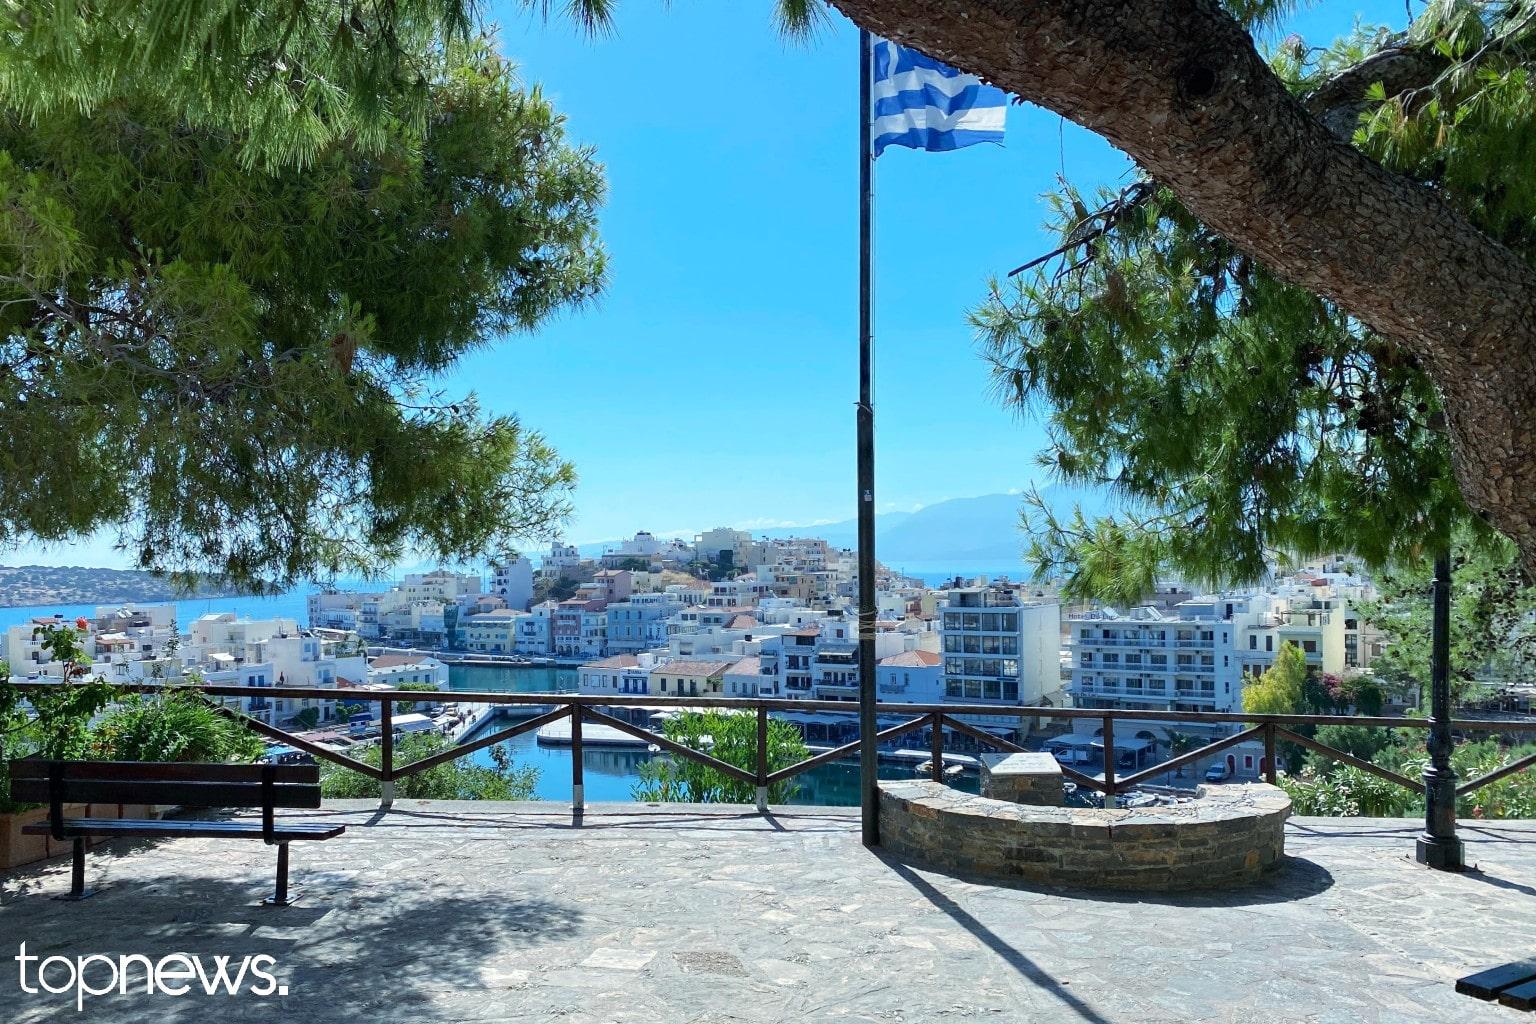 Διακοπές στον Άγιο Νικόλαο Λασιθίου: Ένας πολύχρωμος παράδεισος στην Κρήτη